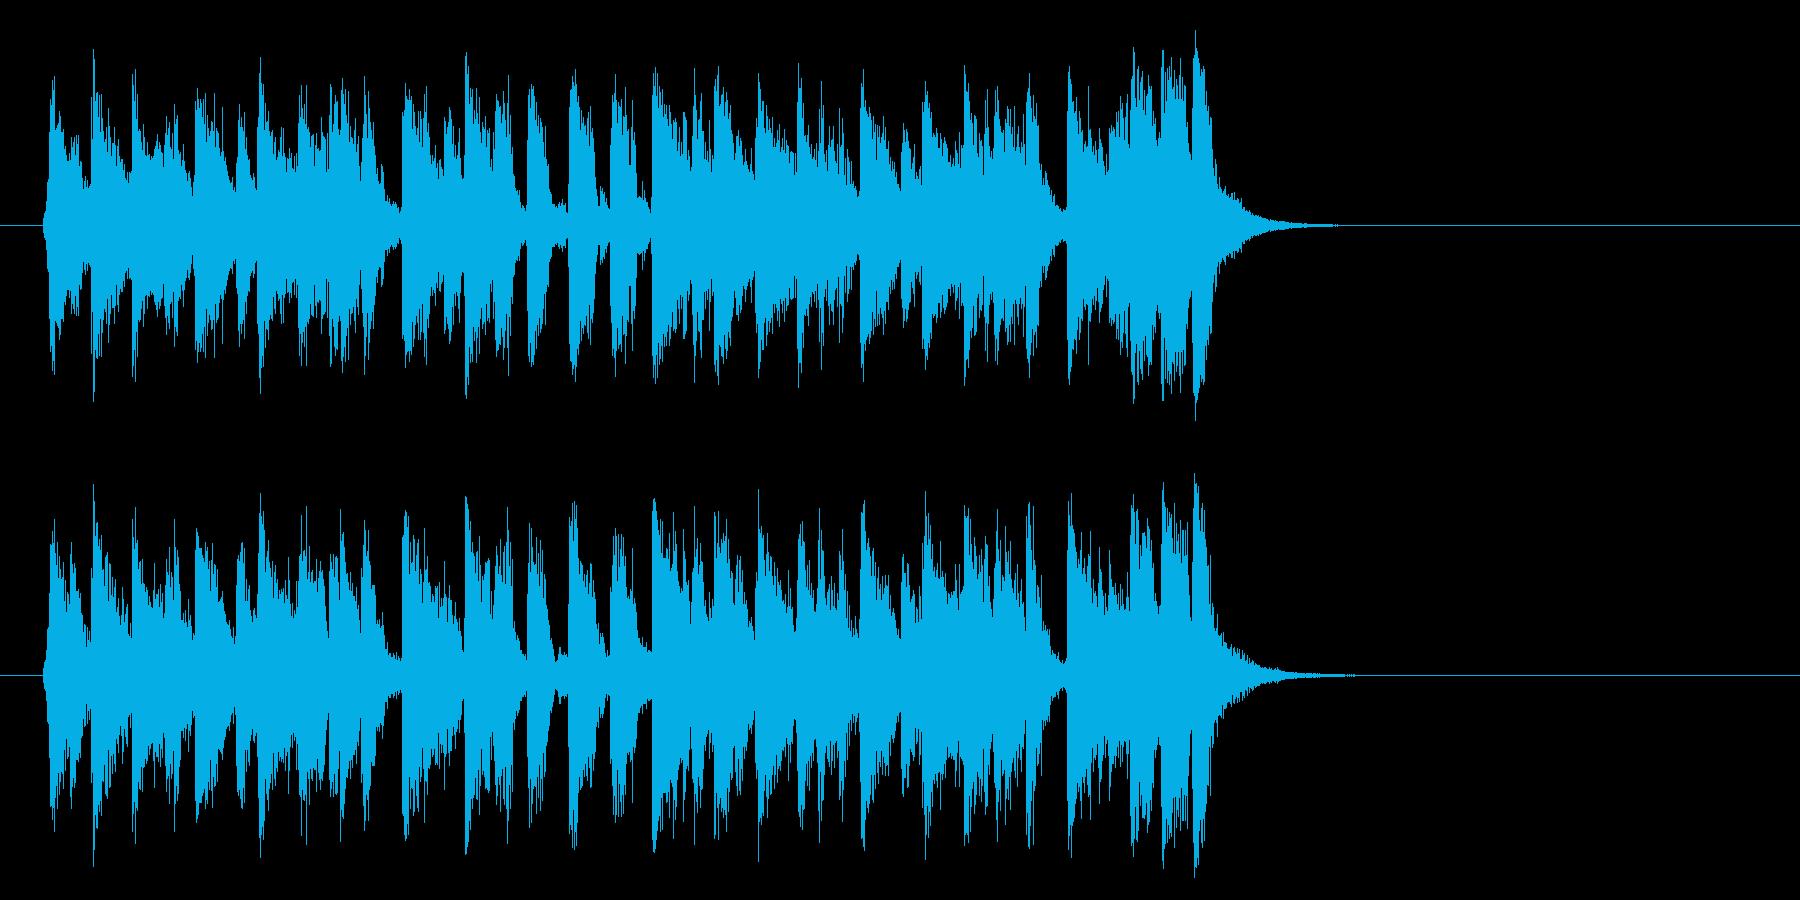 夏のフュージョンポップ(Aメロ)の再生済みの波形